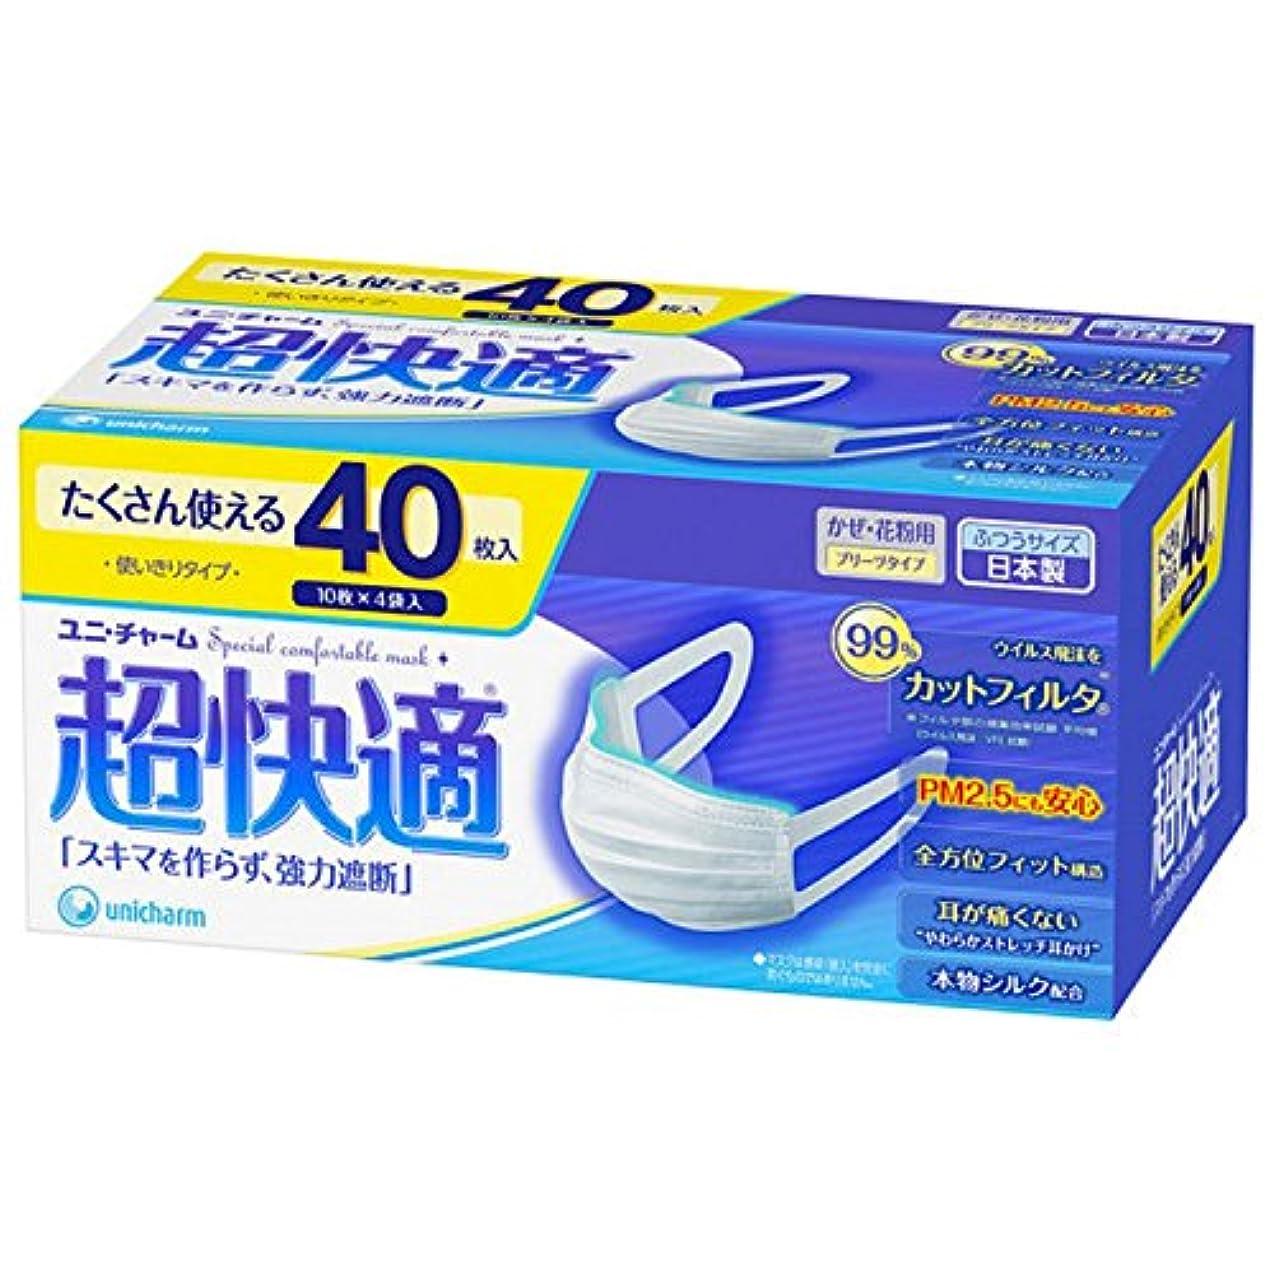 悪行余裕がある暴露ユニ?チャーム 超快適マスクプリーツタイプふつうサイズ 3層式 1箱(40枚入)2箱セット 日本製 PM2.5対応